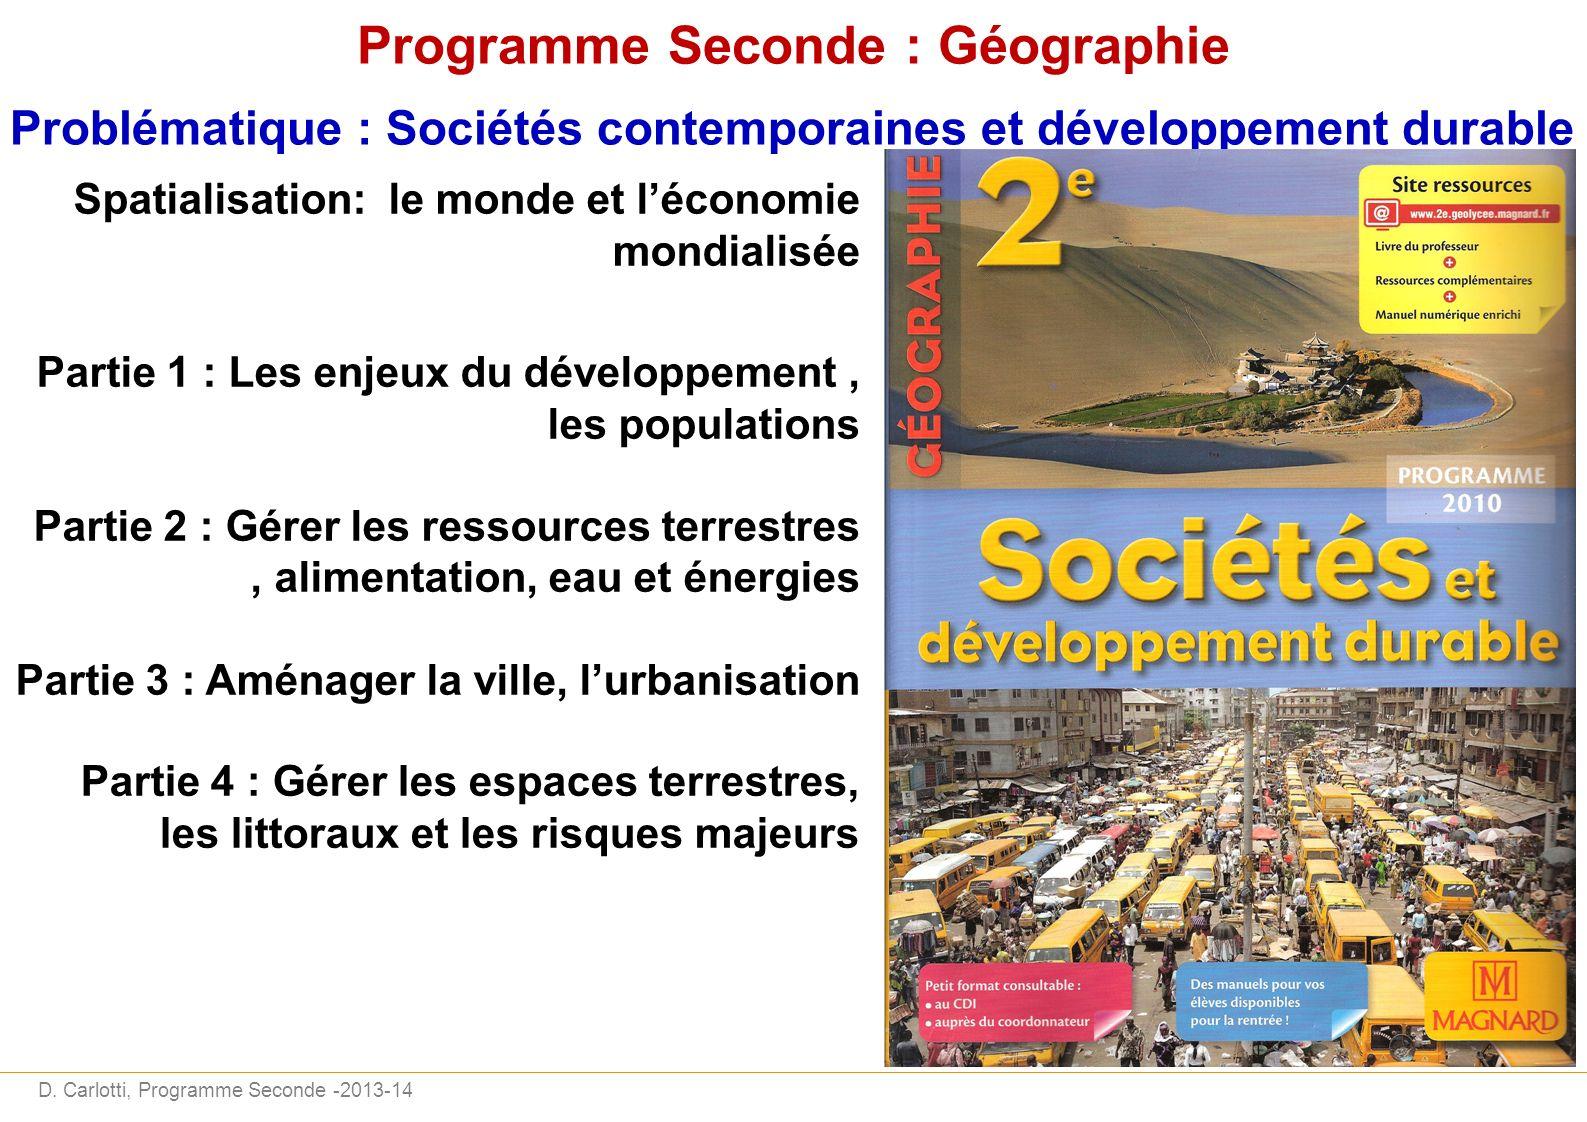 D. Carlotti, Programme Seconde -2013-14 Programme Seconde : Géographie Problématique : Sociétés contemporaines et développement durable Spatialisation